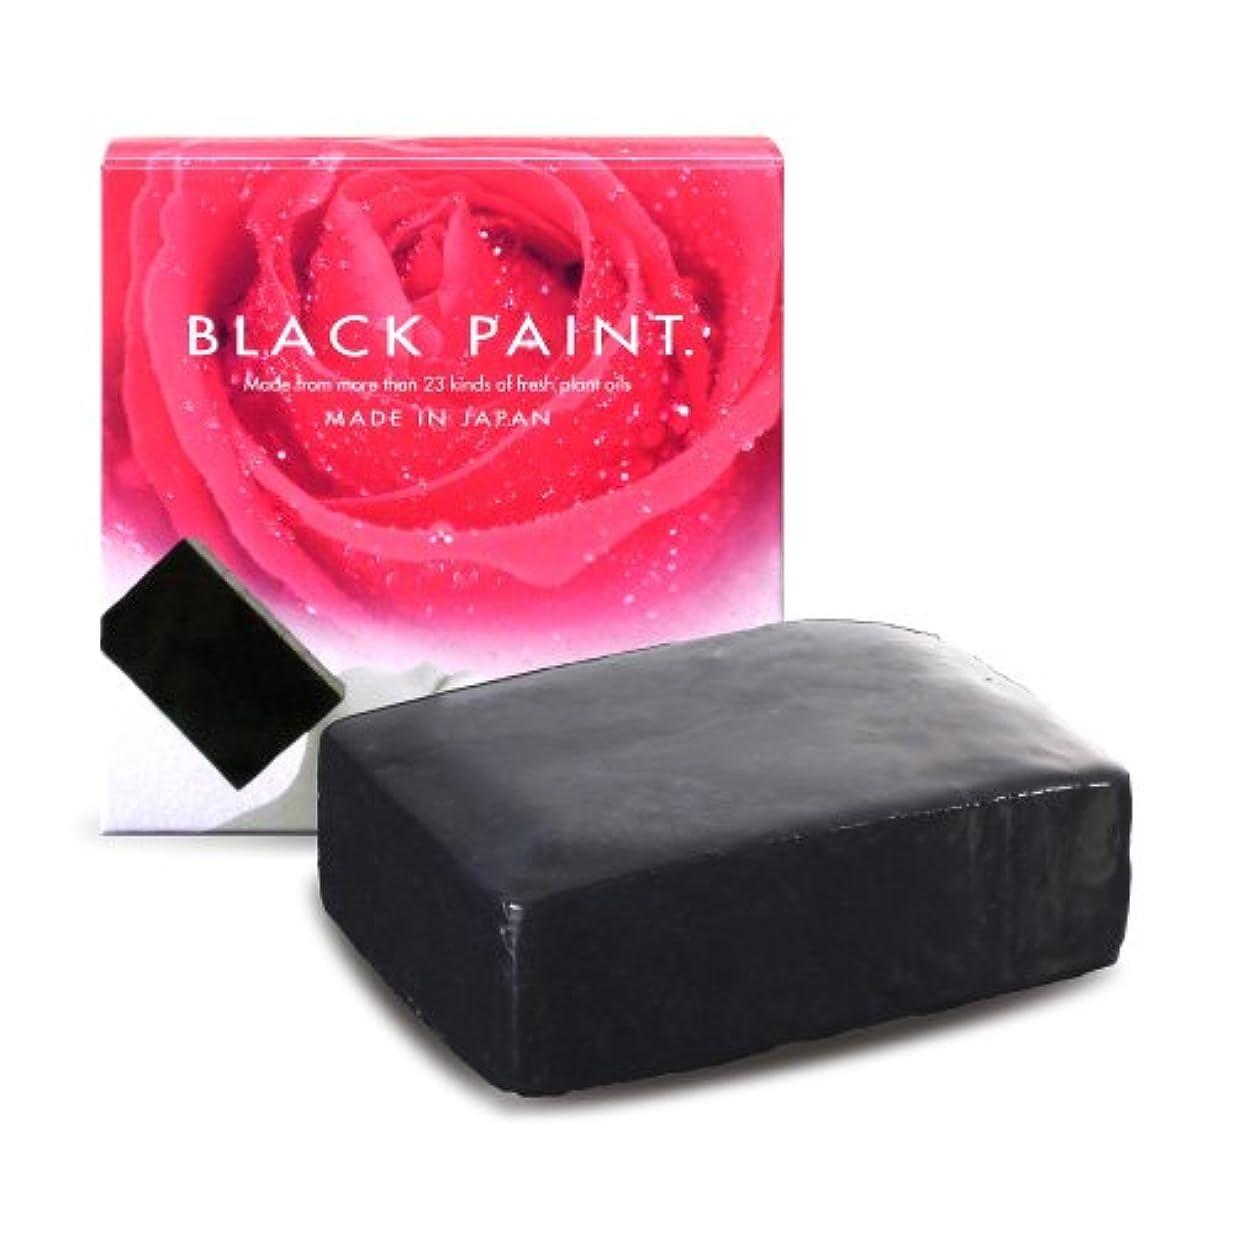 イディオムガード北へブラックペイント 120g 塗る洗顔 石鹸 無添加 国産